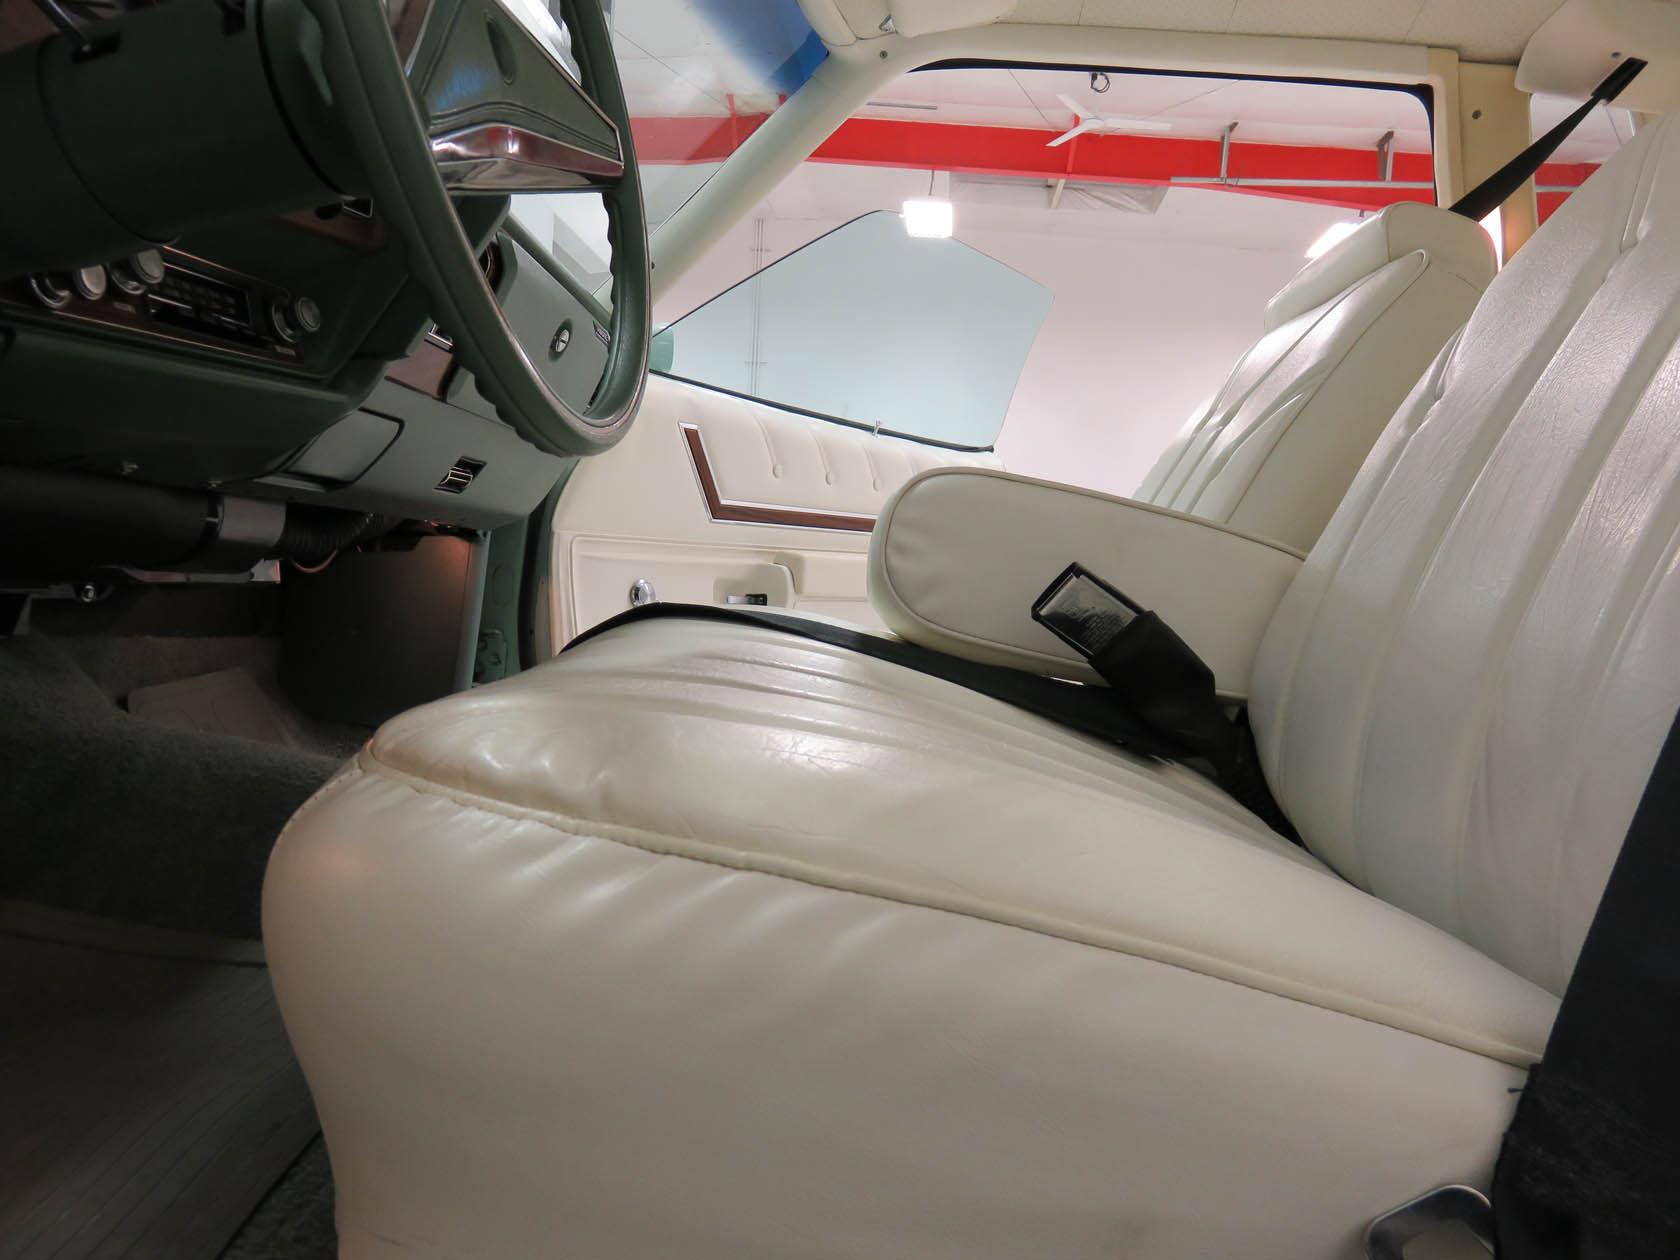 Michael Esposito - 1974 Oldsmobile Cutlasss Supreme 460